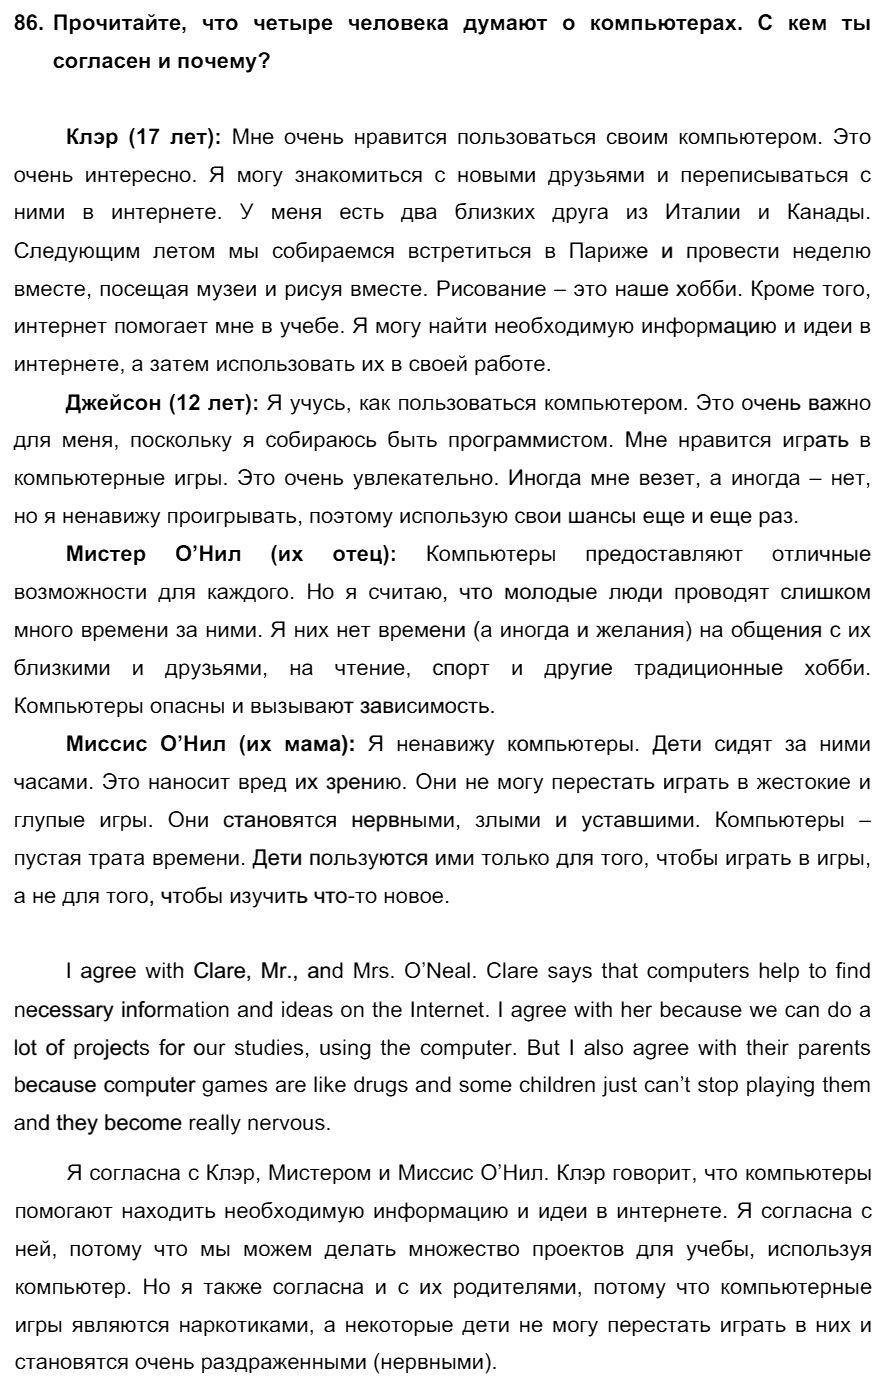 Английский язык 7 класс Биболетова М. З. Unit 1. Международные соревнования тинейджеров / Разделы 1-11: 86